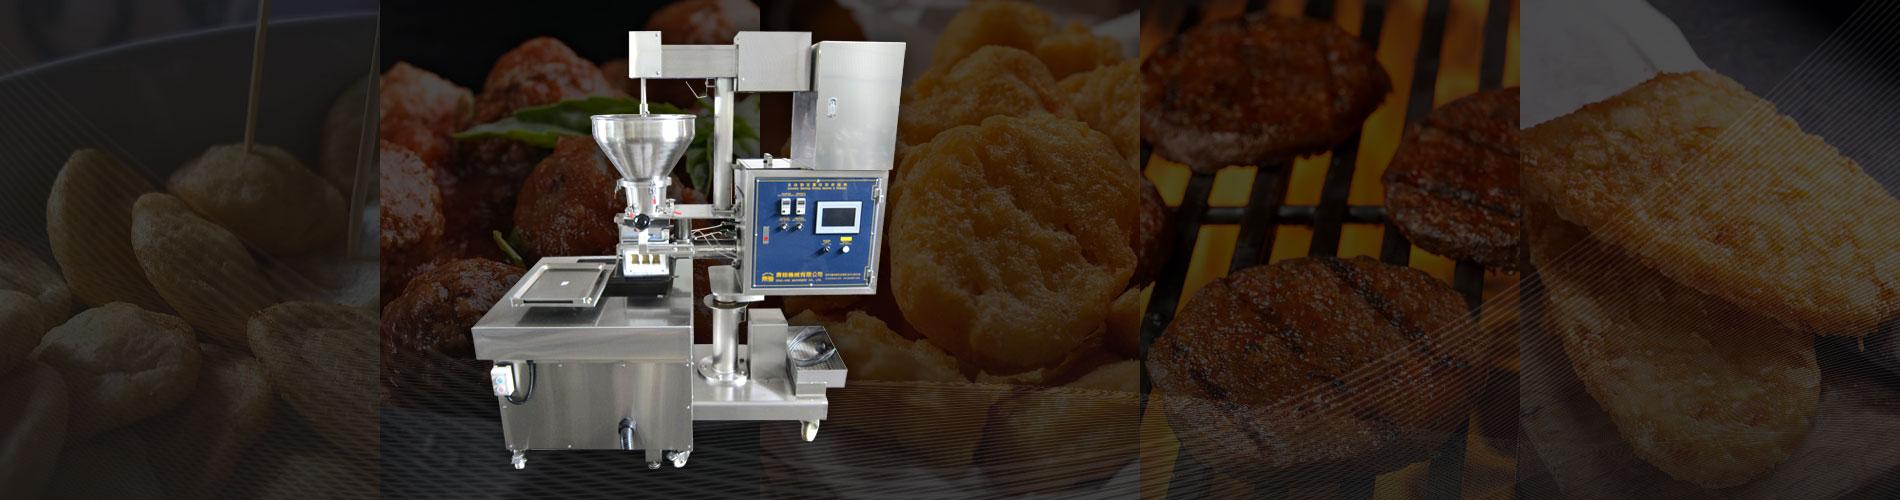 भोजन बनाने की मशीन